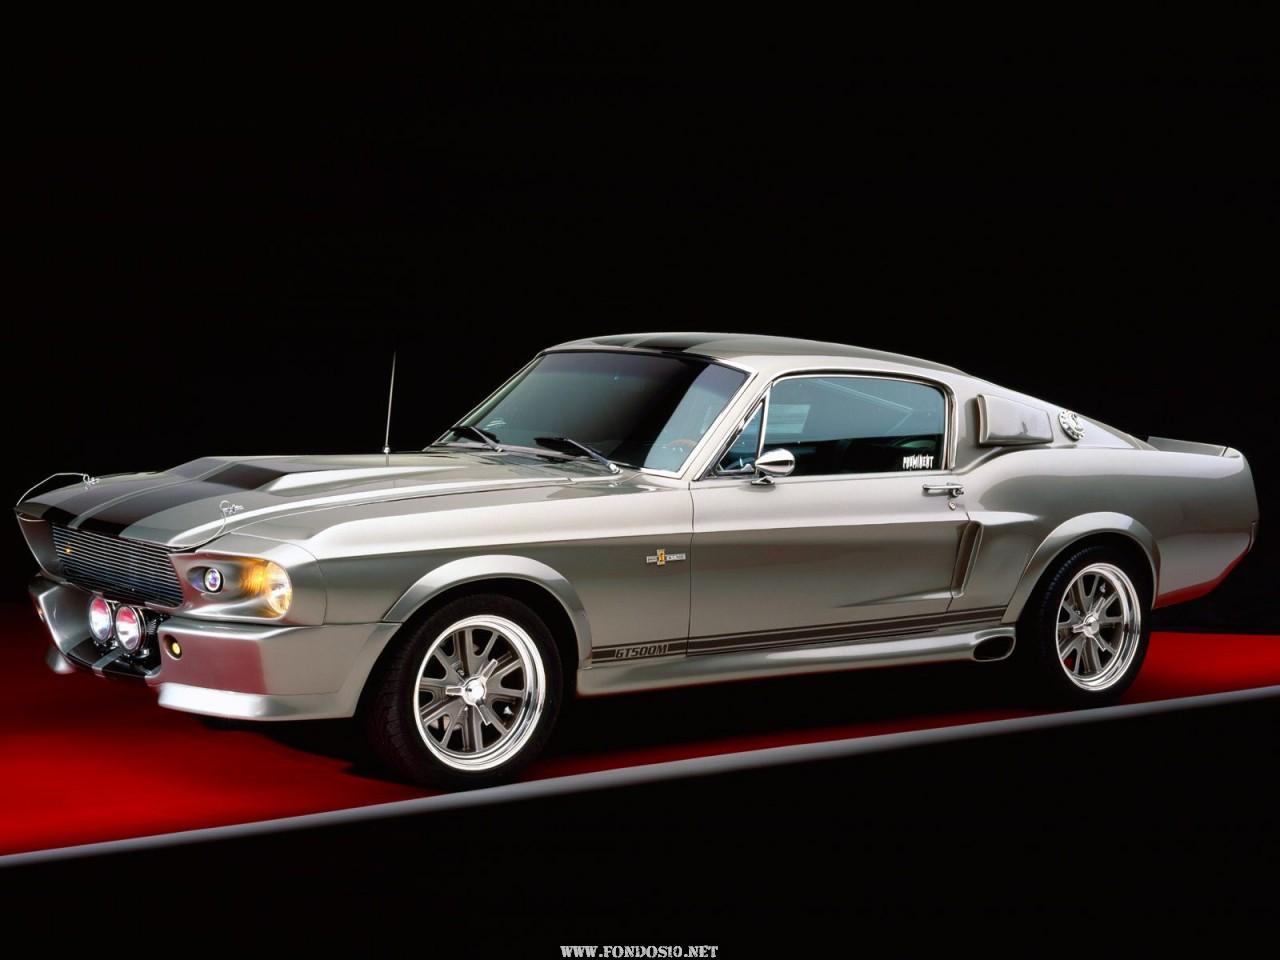 Ford Mustang Shelby Gt500 De Vanzare